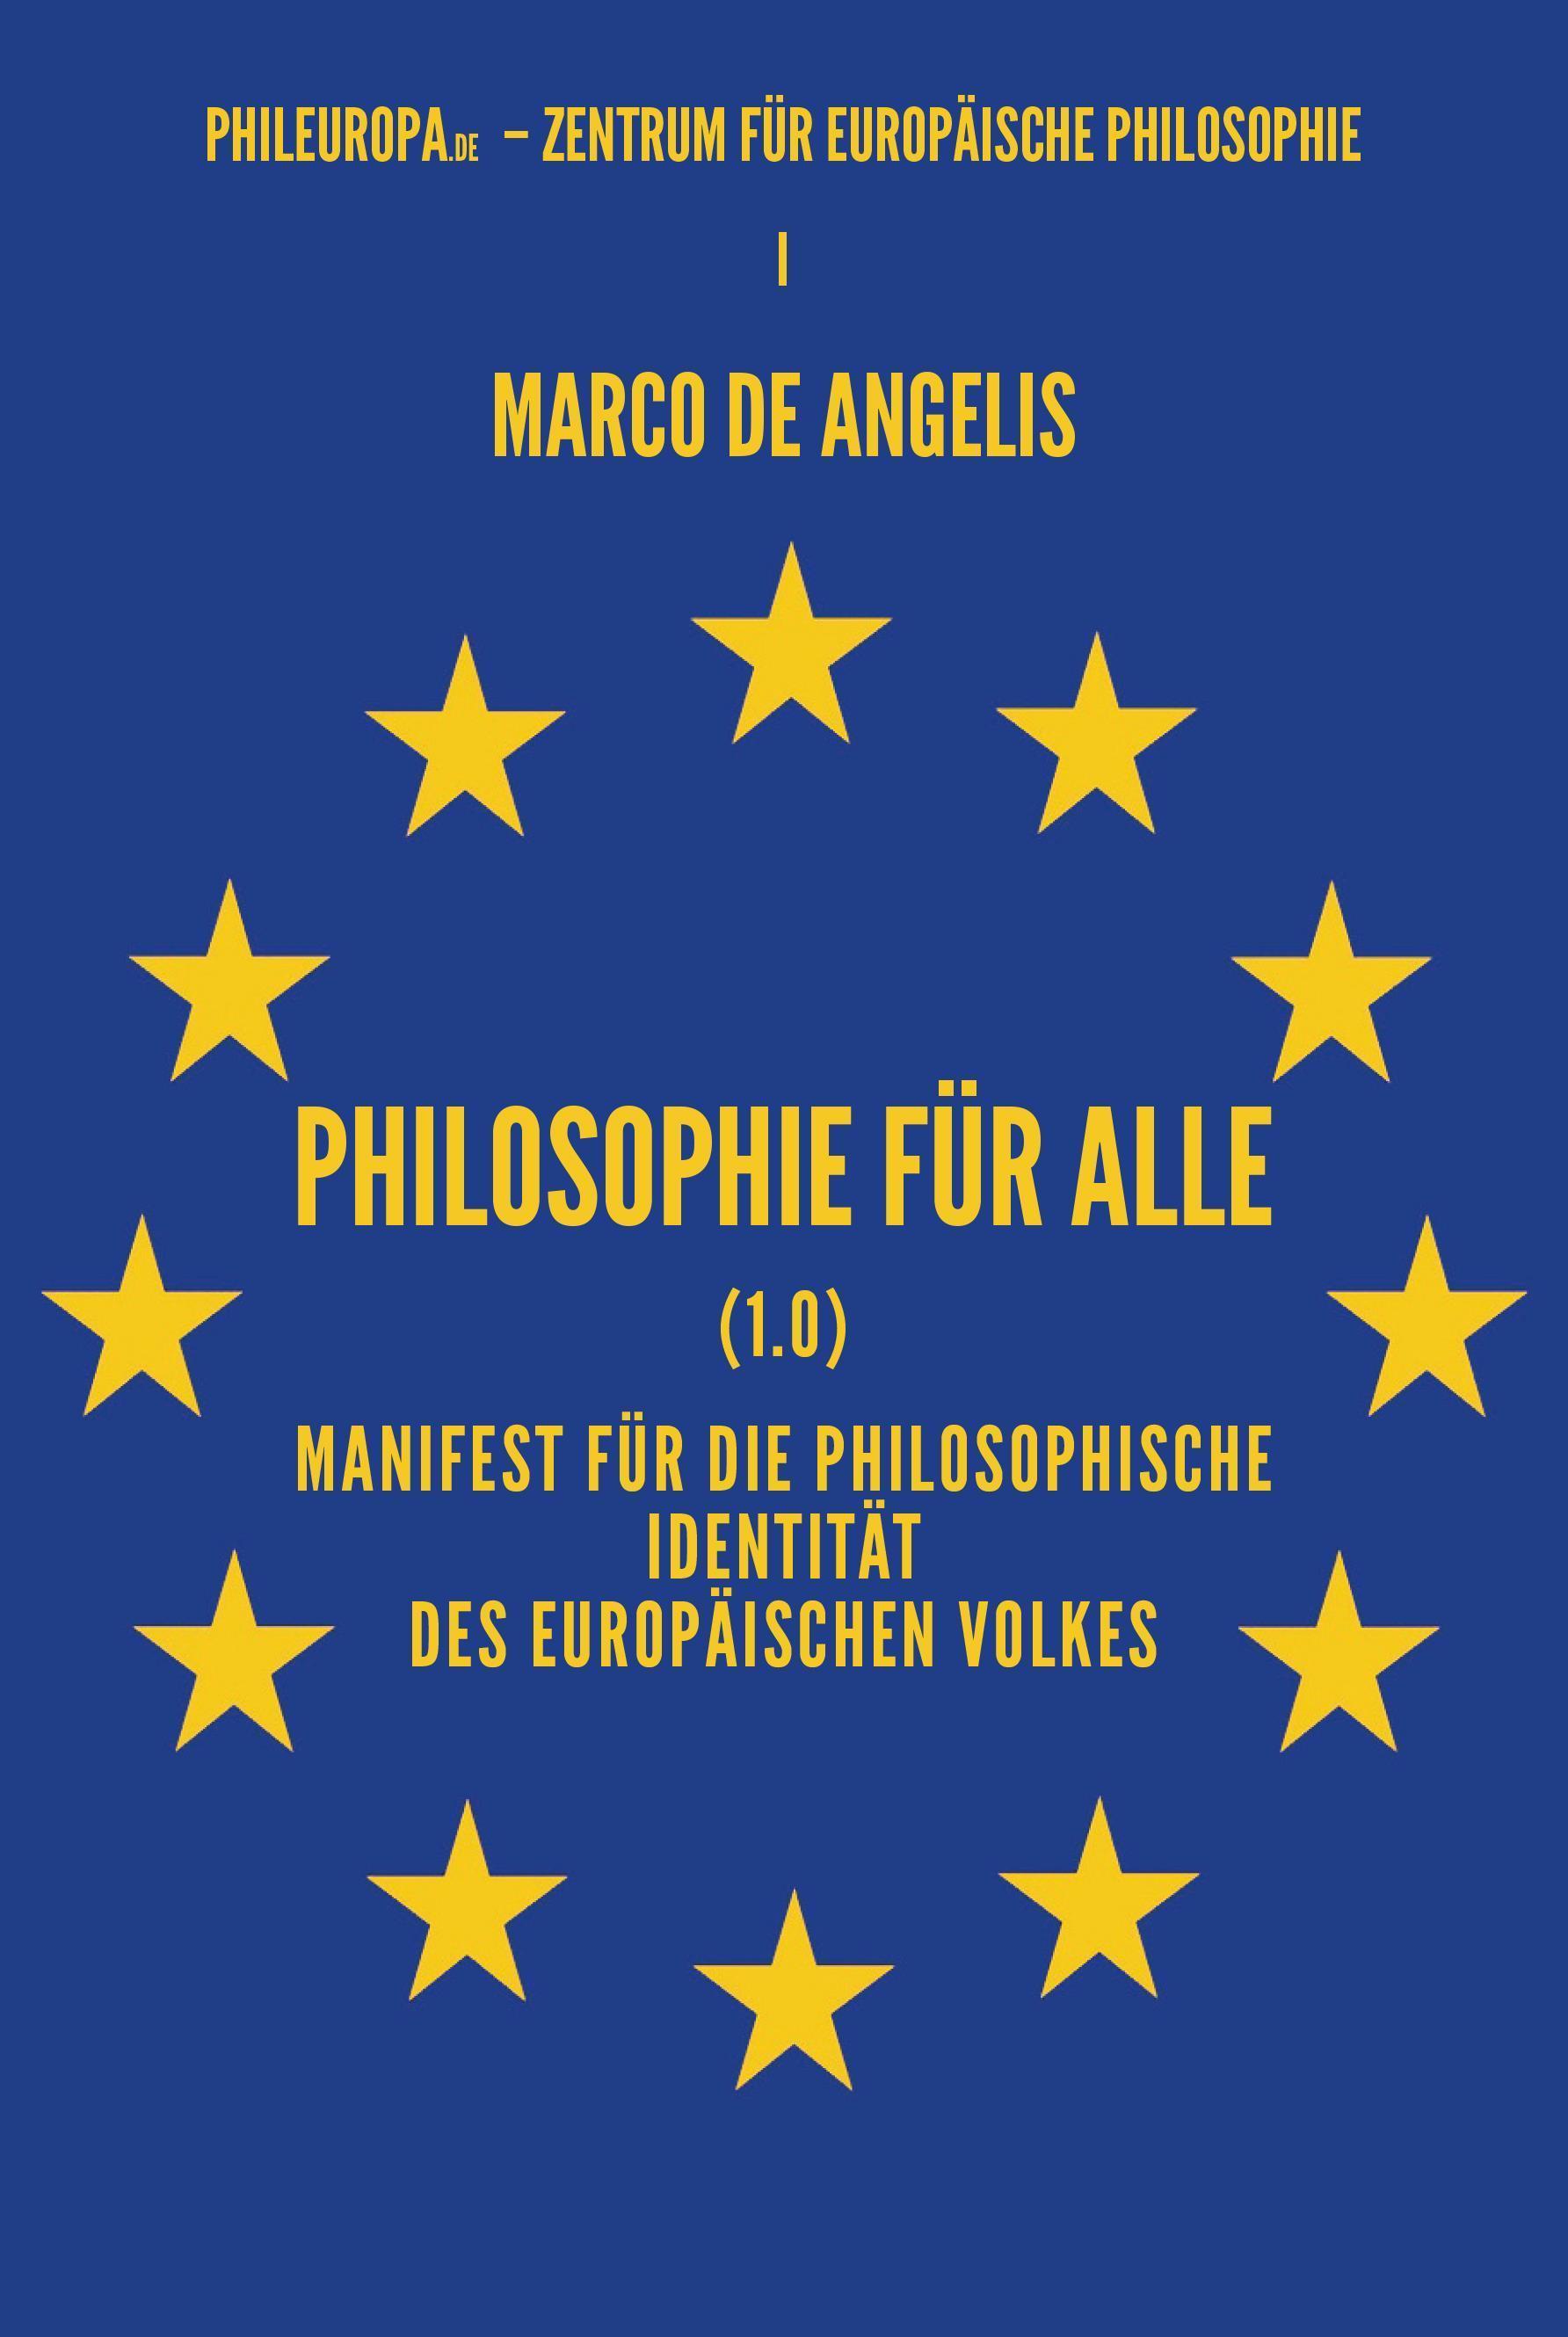 Philosophie für alle (1.0) Manifest für die philosophische Identität des europäischen Volkes